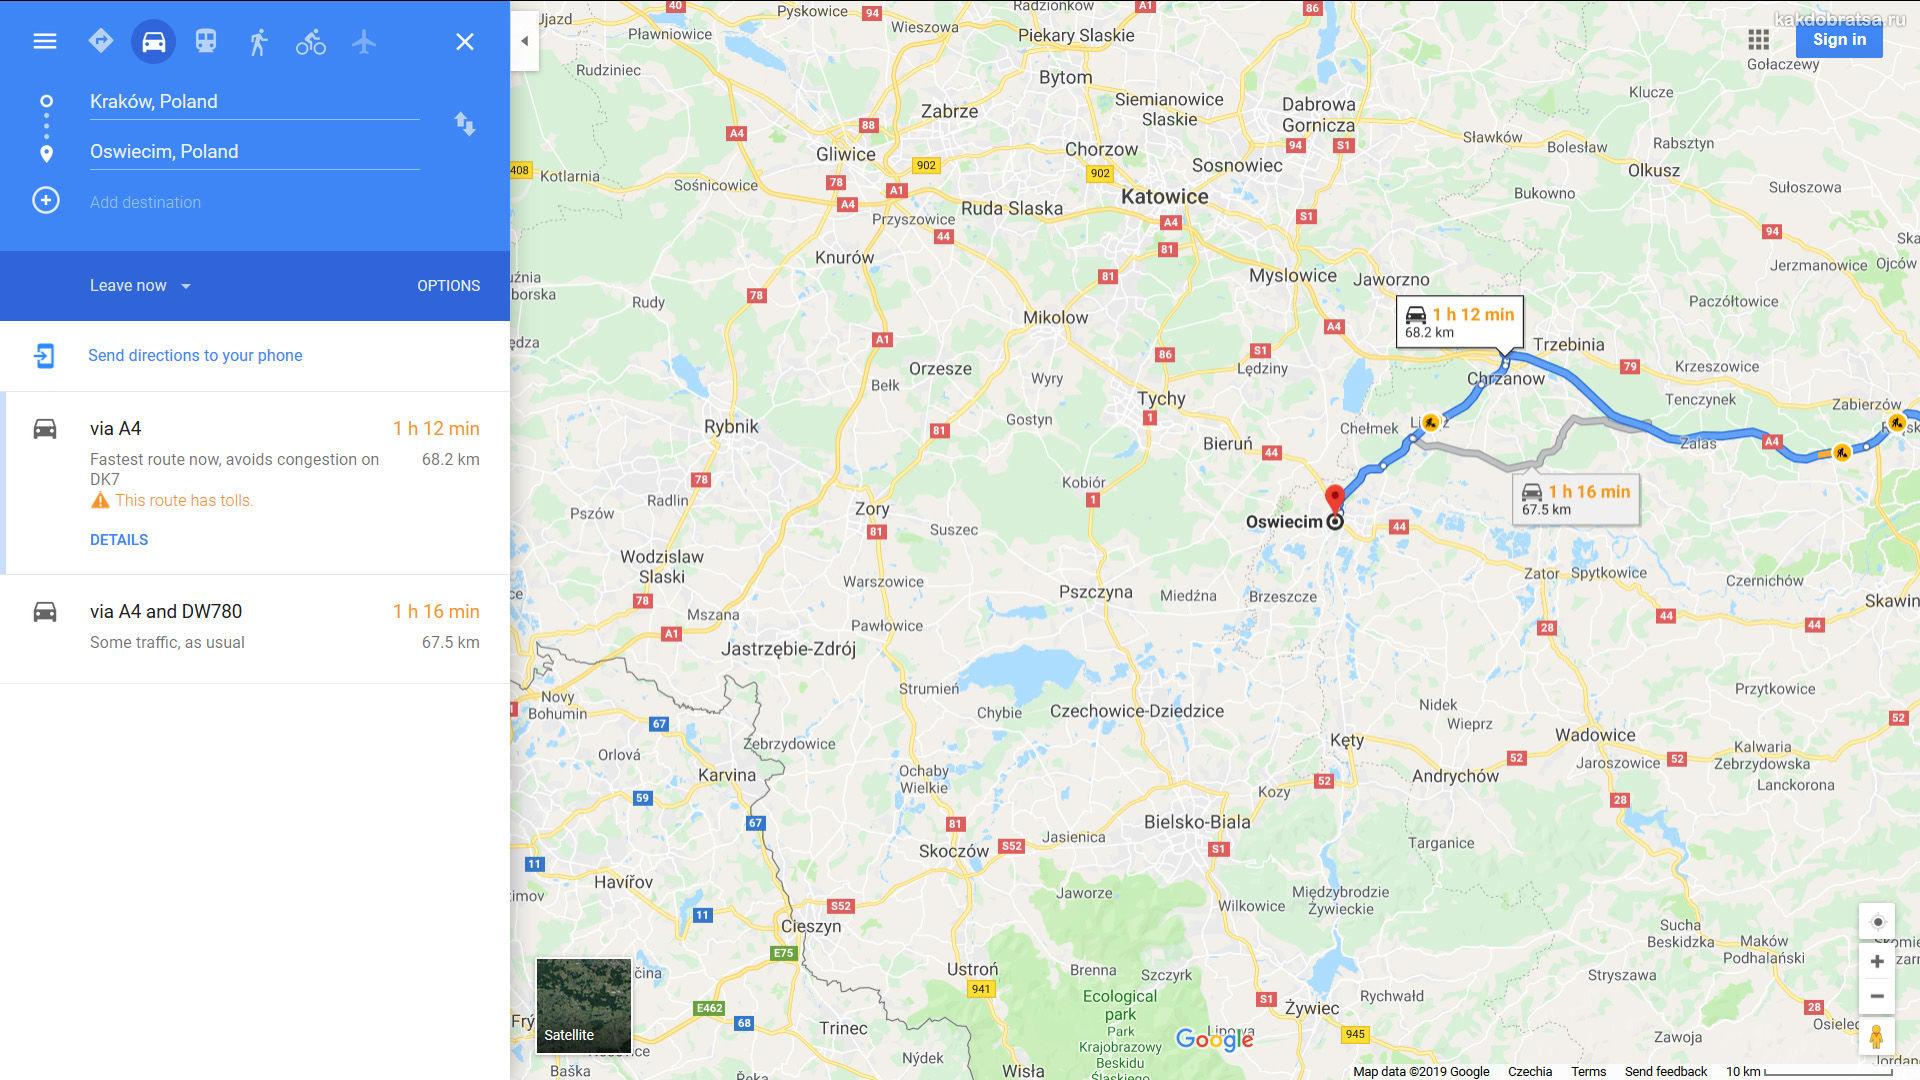 Как самостоятельно добраться из Кракова в Освенцим карта